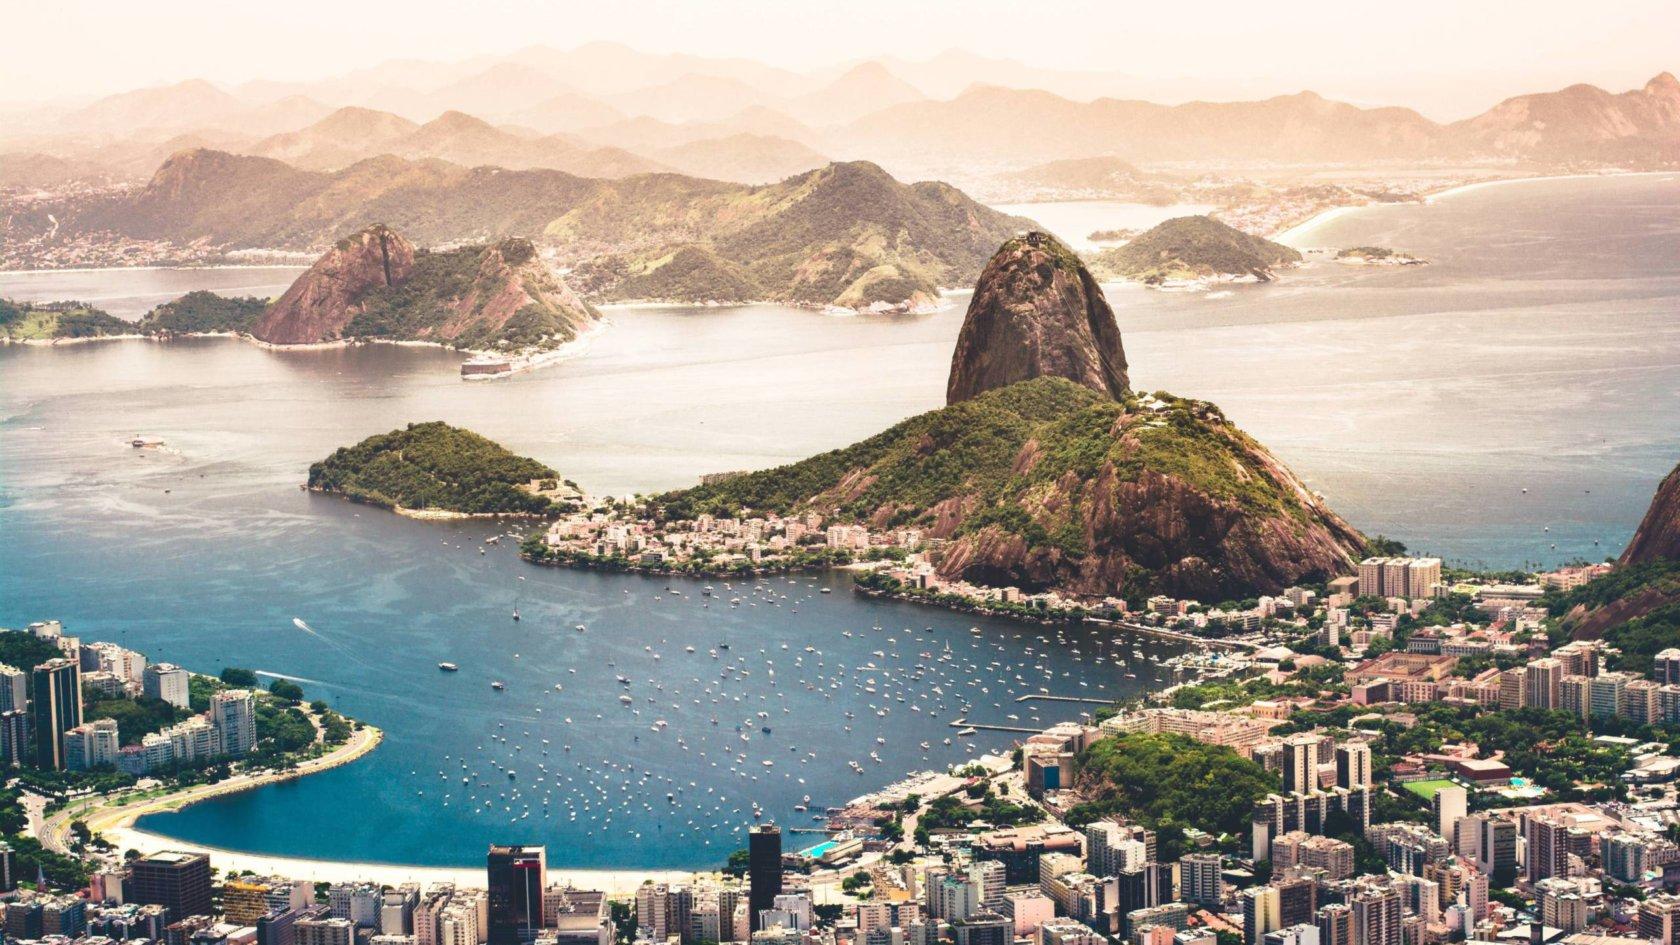 Coastline of Rio de Janeiro, Brazil